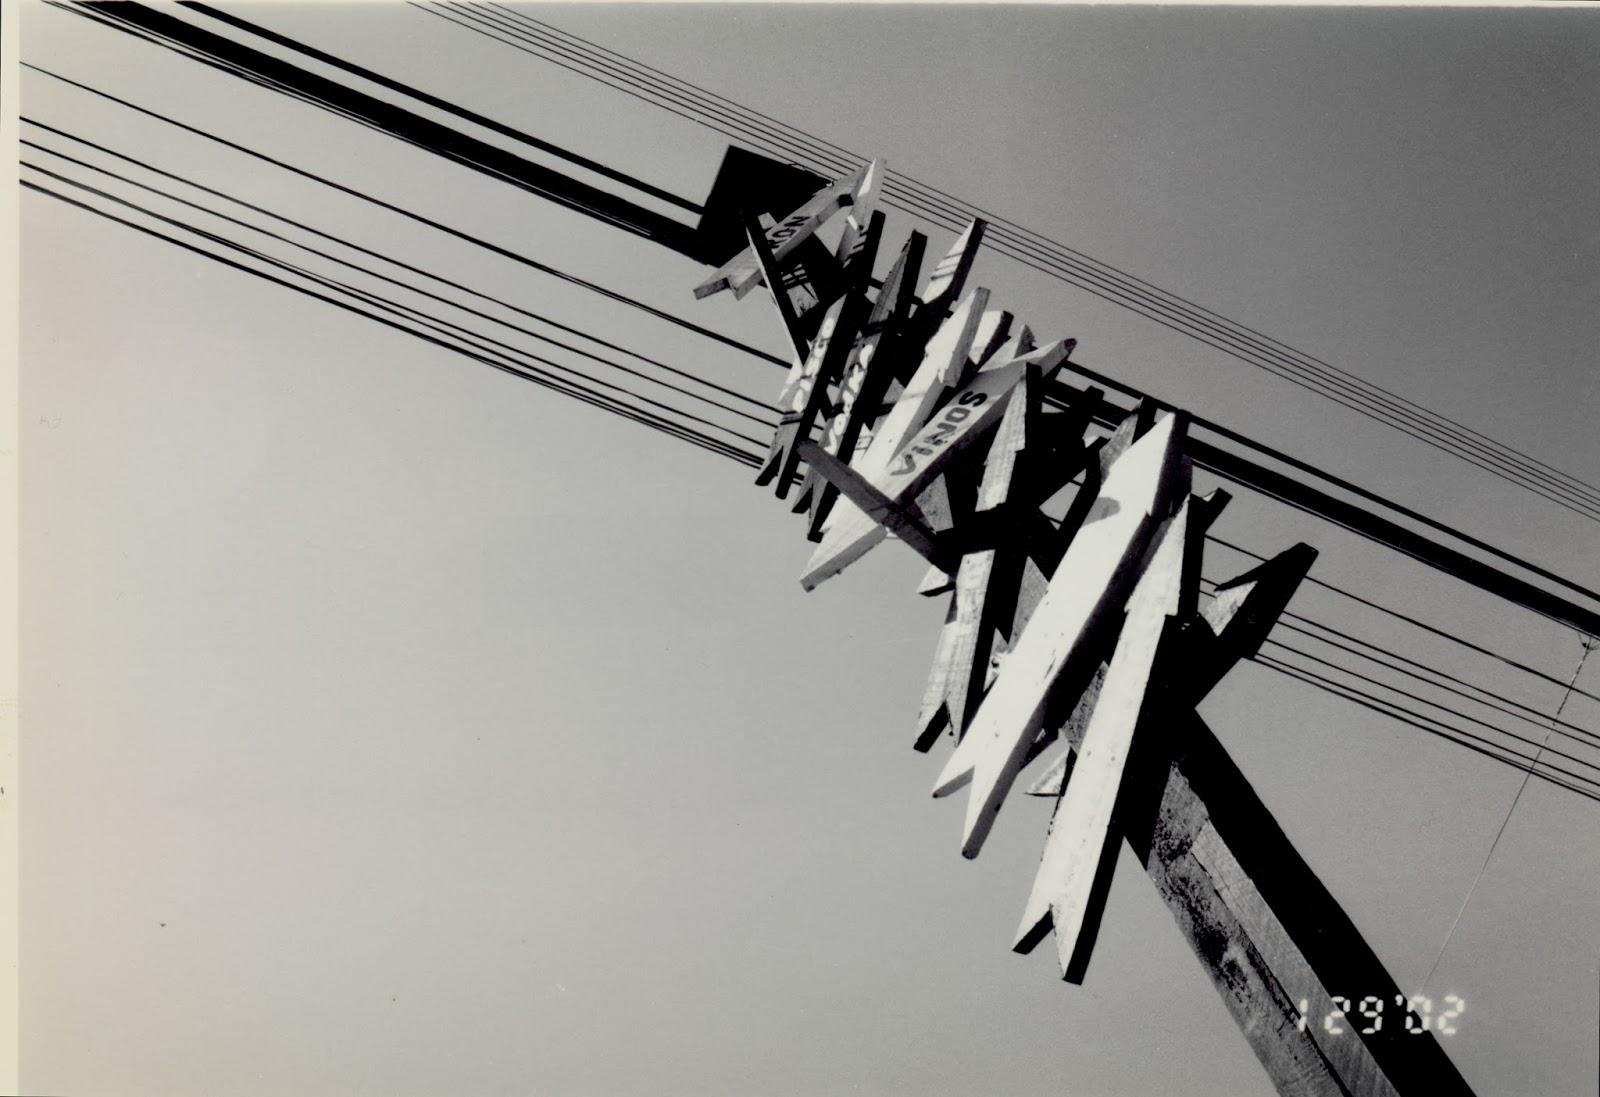 Poste de fiação com muitas placas apontando destinos diversos, em preto e branco: ilustra a seção a respeito dos textos das linhas de ''Chên / O Incitar (Comoção, Trovão)'', um dos 64 hexagramas do I Ching, o Livro das Mutações